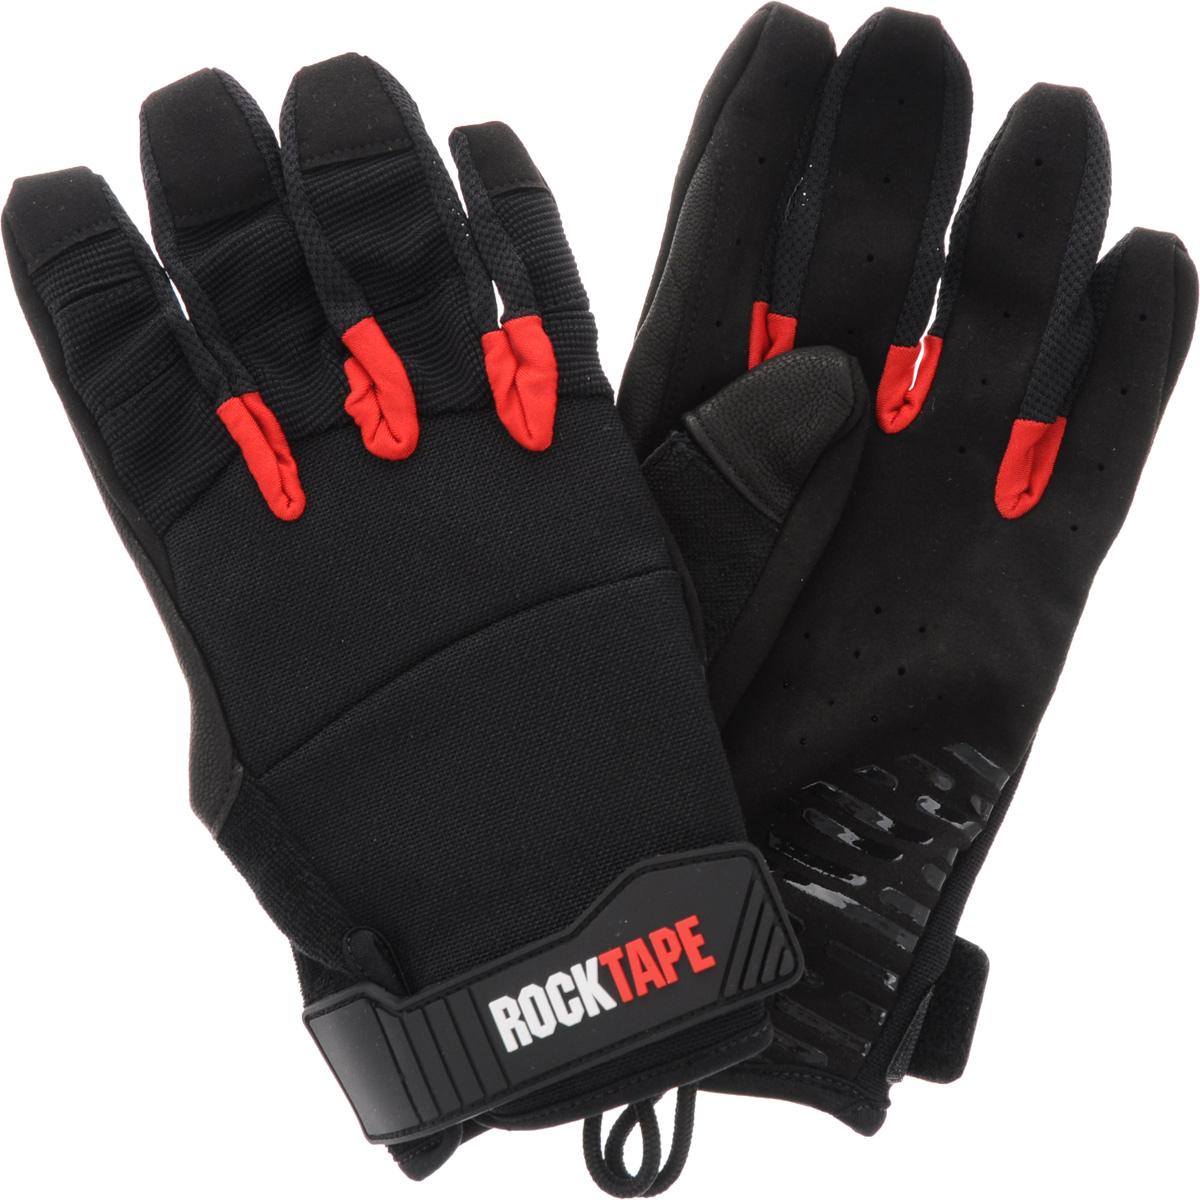 Перчатки Rocktape Talons, цвет: черный, красный. Размер MRTTls-MRocktape Talons - это функциональные перчатки для спорта. Руль велосипеда, турник, штанга - за что бы вы ни взялись, перчатки обеспечат максимальную защиту и поддержку! Уверенный хват и больше никаких стертых рук, волдырей и мозолей! Особенности перчаток: Дружелюбны к сенсорным экранам. Без швов на ладонях. Силиконовая накладка false-grip поможет в выходах силой. Защита большого пальца при захвате штанги. Впитывают пот. Дышащий материал по боковым поверхностям пальцев. Удобные петли. Рассчитаны на работу с мелом. Обхват ладони ниже костяшки: 20 см.